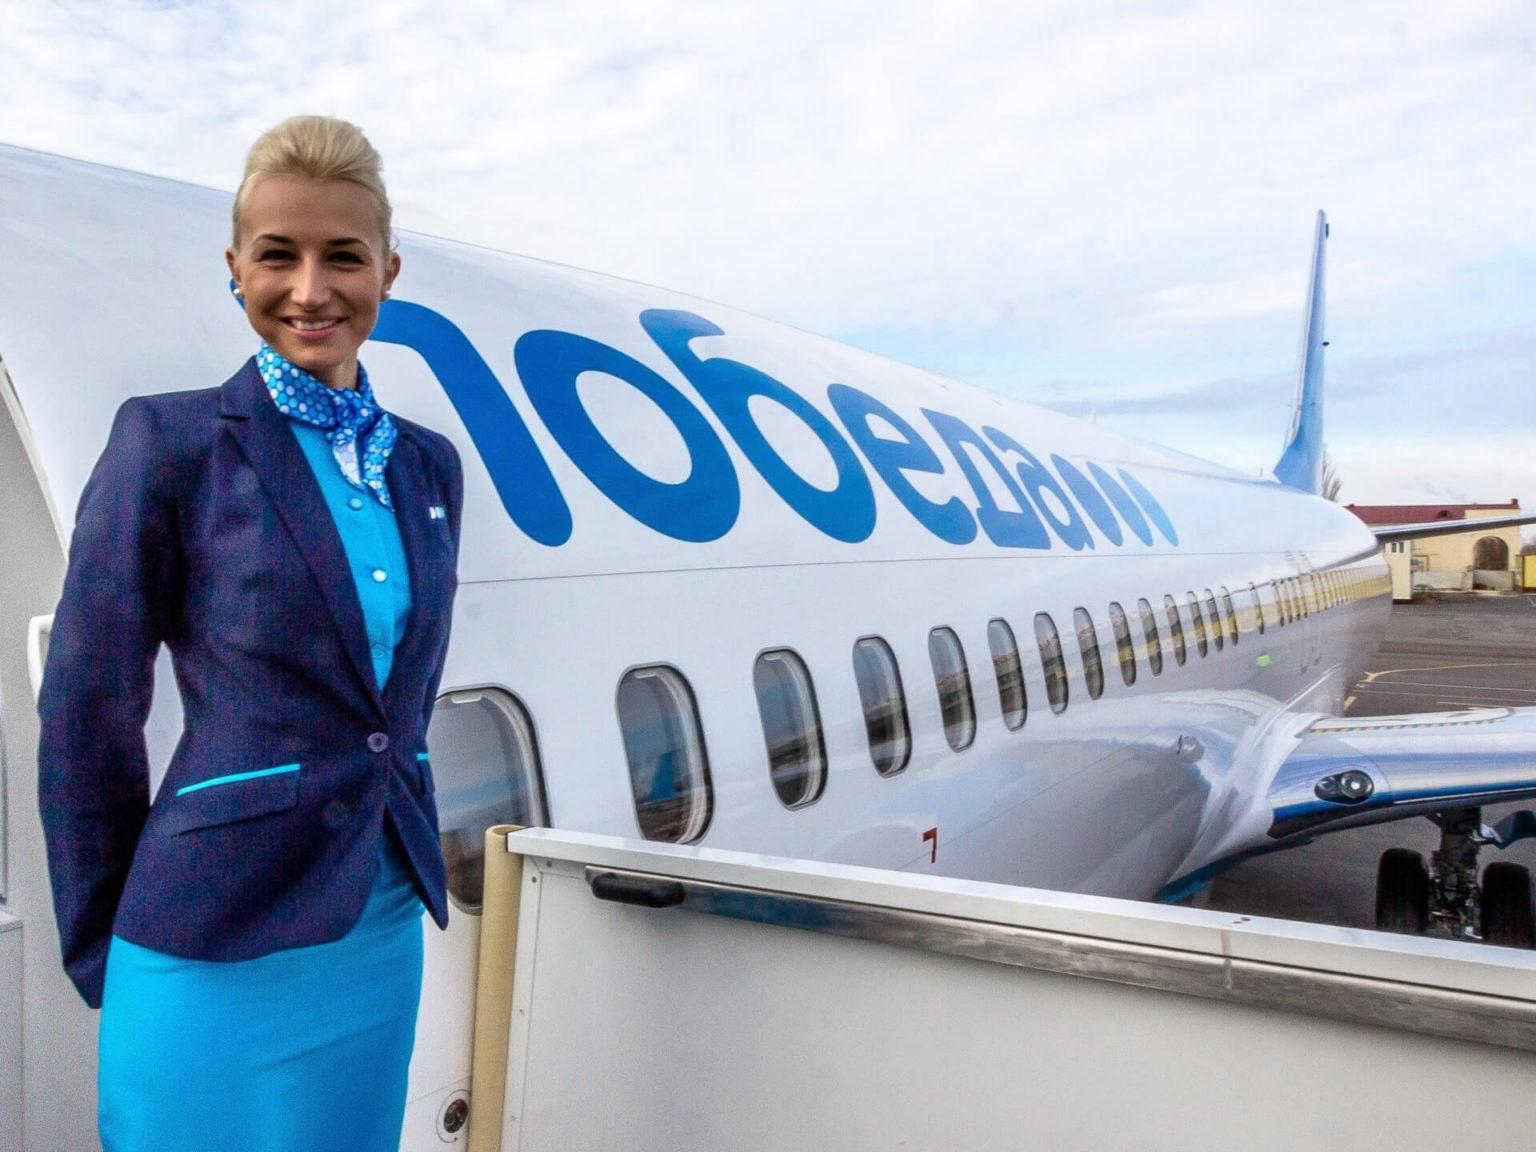 Победа (авиакомпания): официальный сайт, услуги, отзывы пассажиров